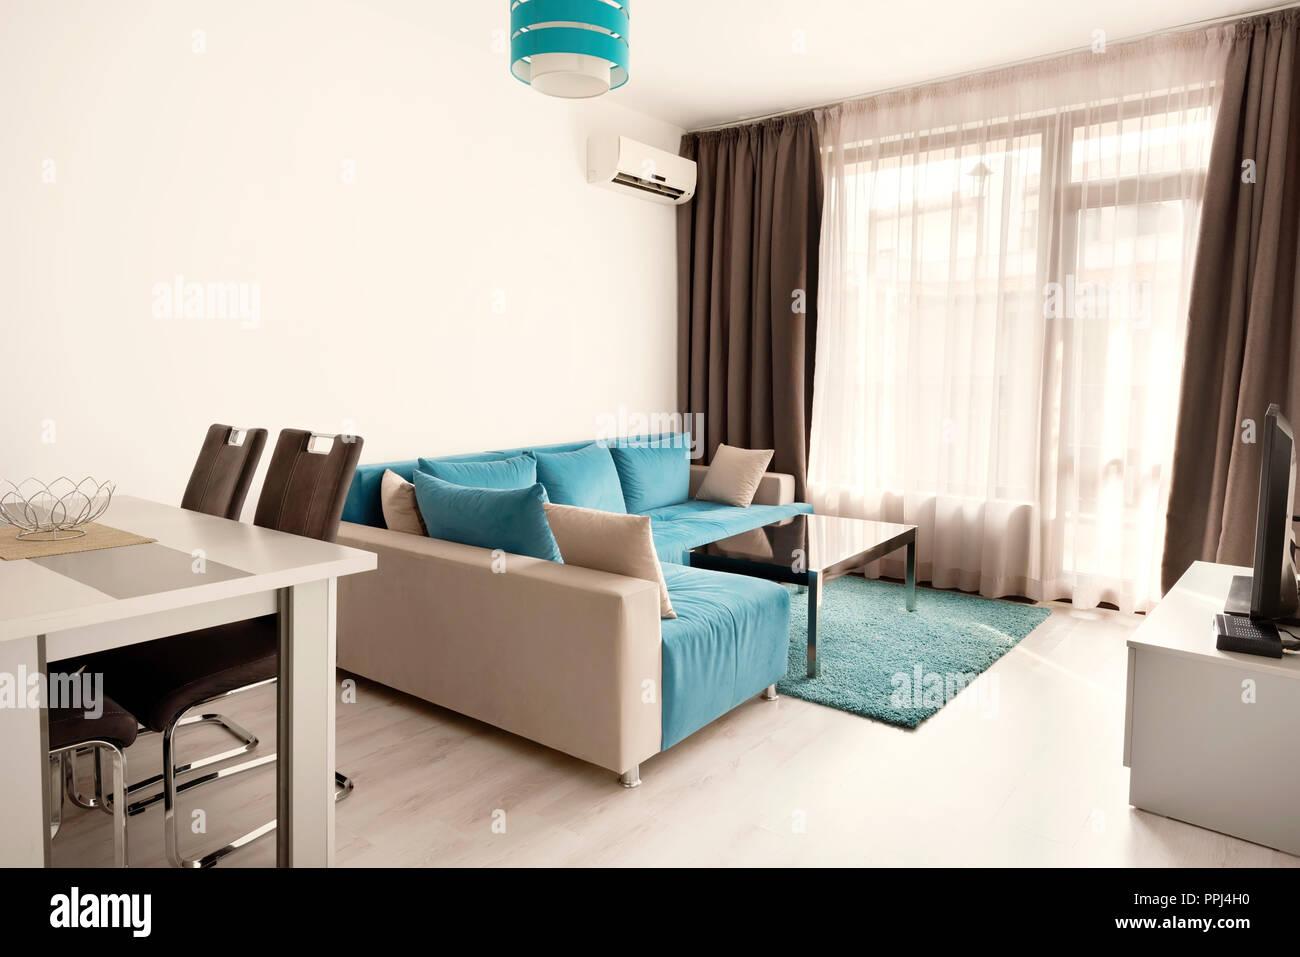 cocina gris y pato azul luminoso y moderno dise o interior acogedor sal n con sof